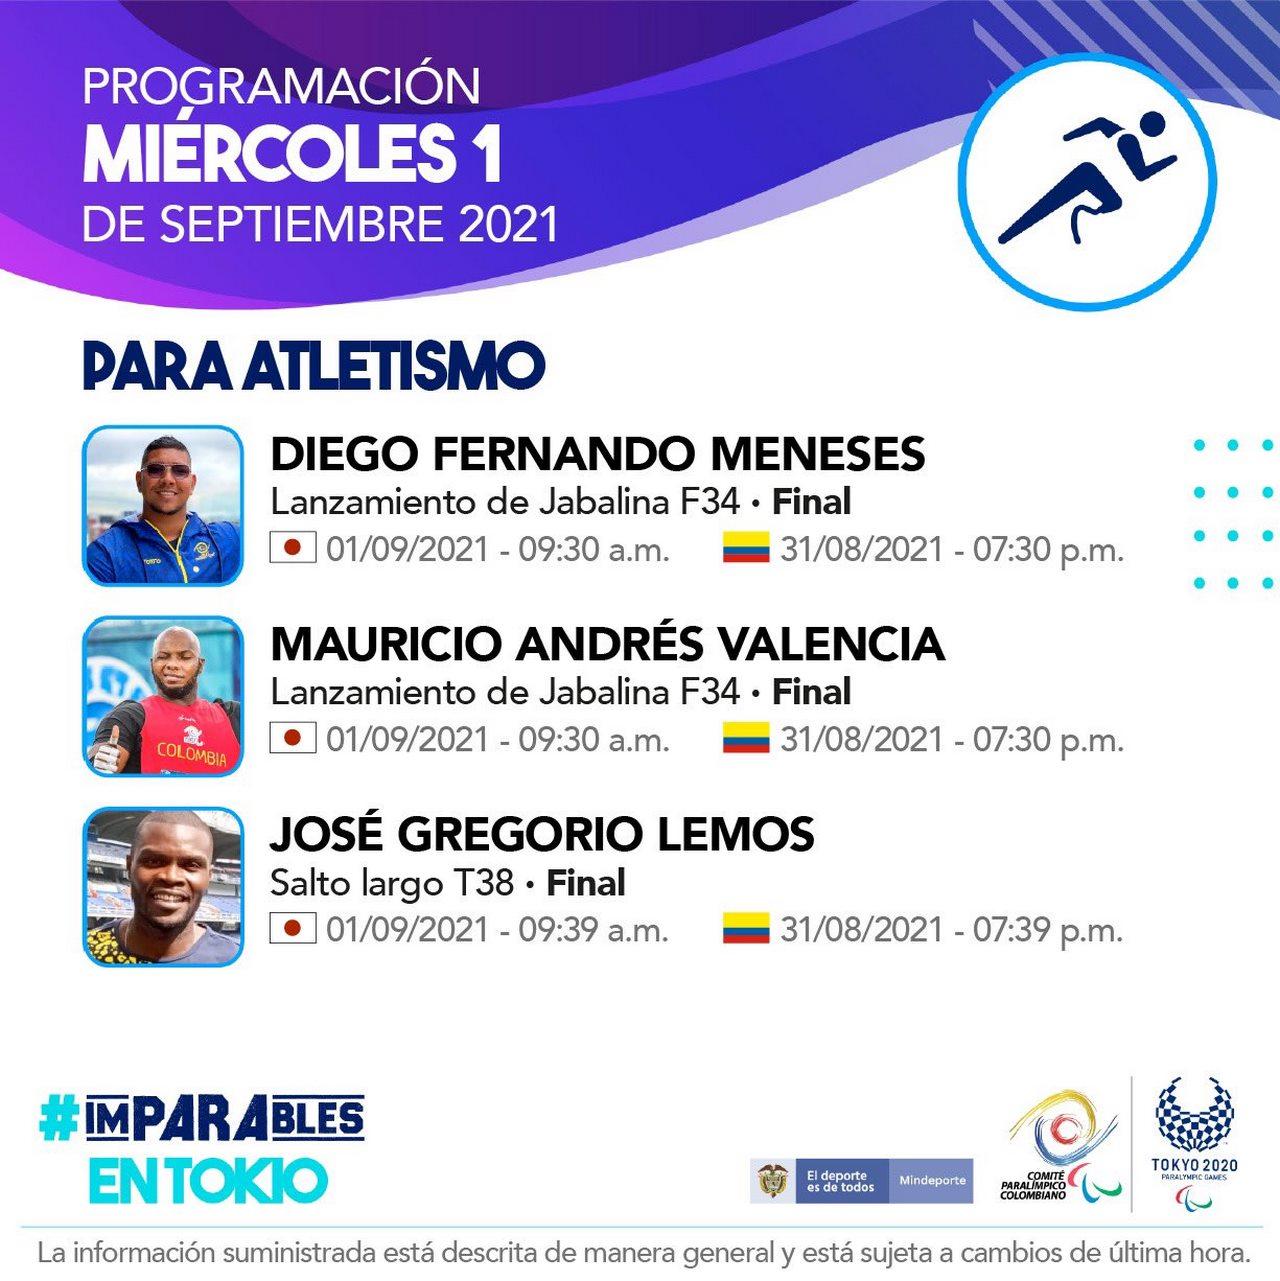 Programacion deportistas colombianos en la octava jornada de los Juegos Paralimpicos 5